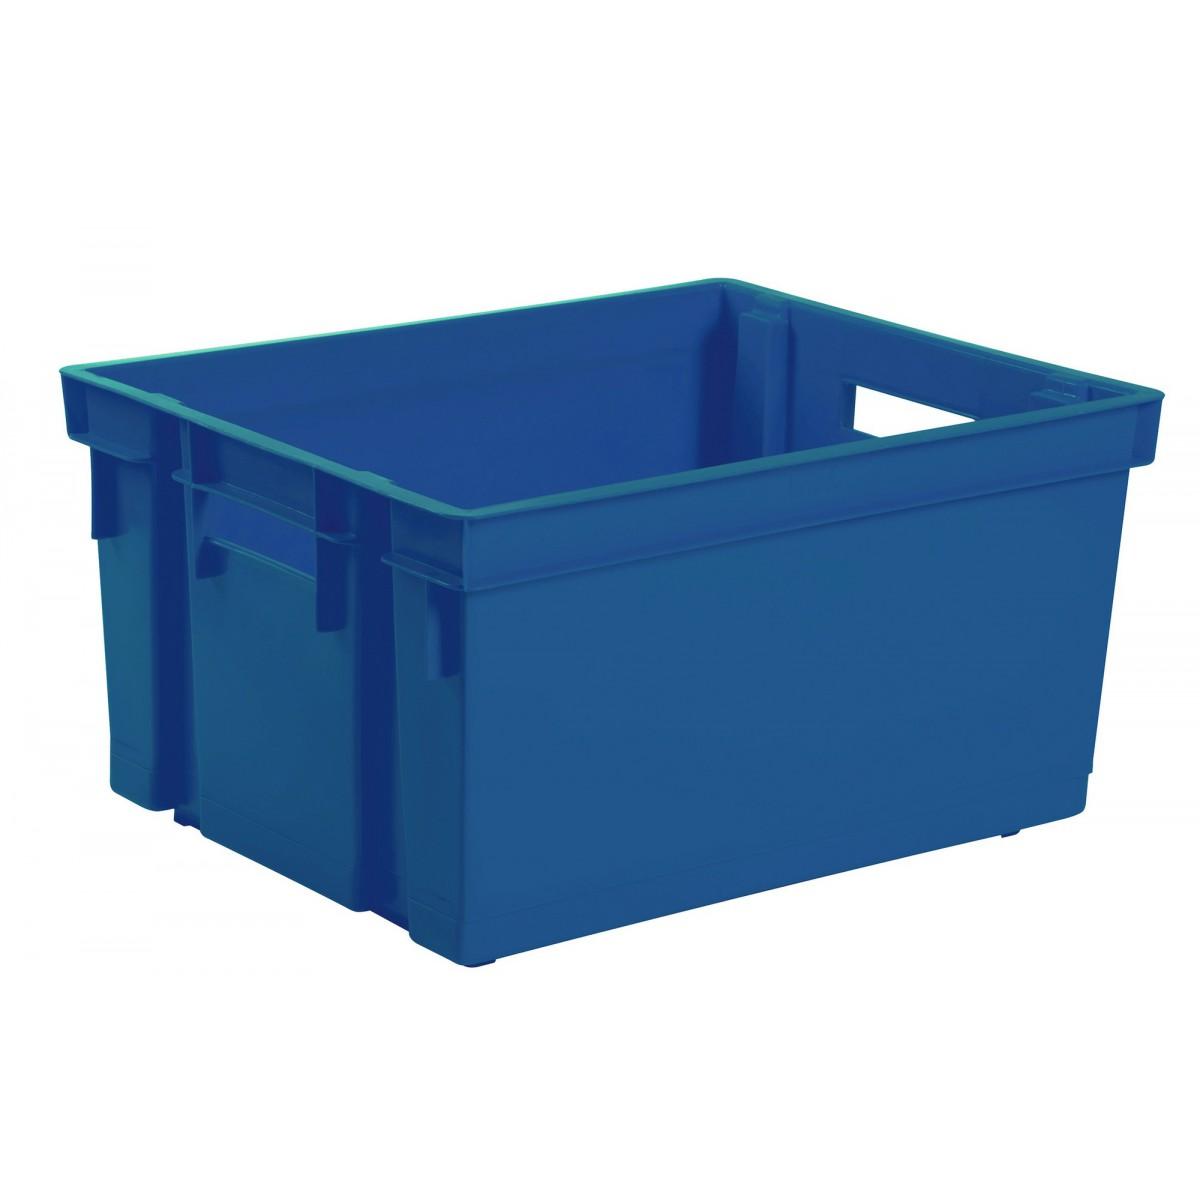 Bac de rangement Eda - Sans couvercle - Bleu minéral - 20 l